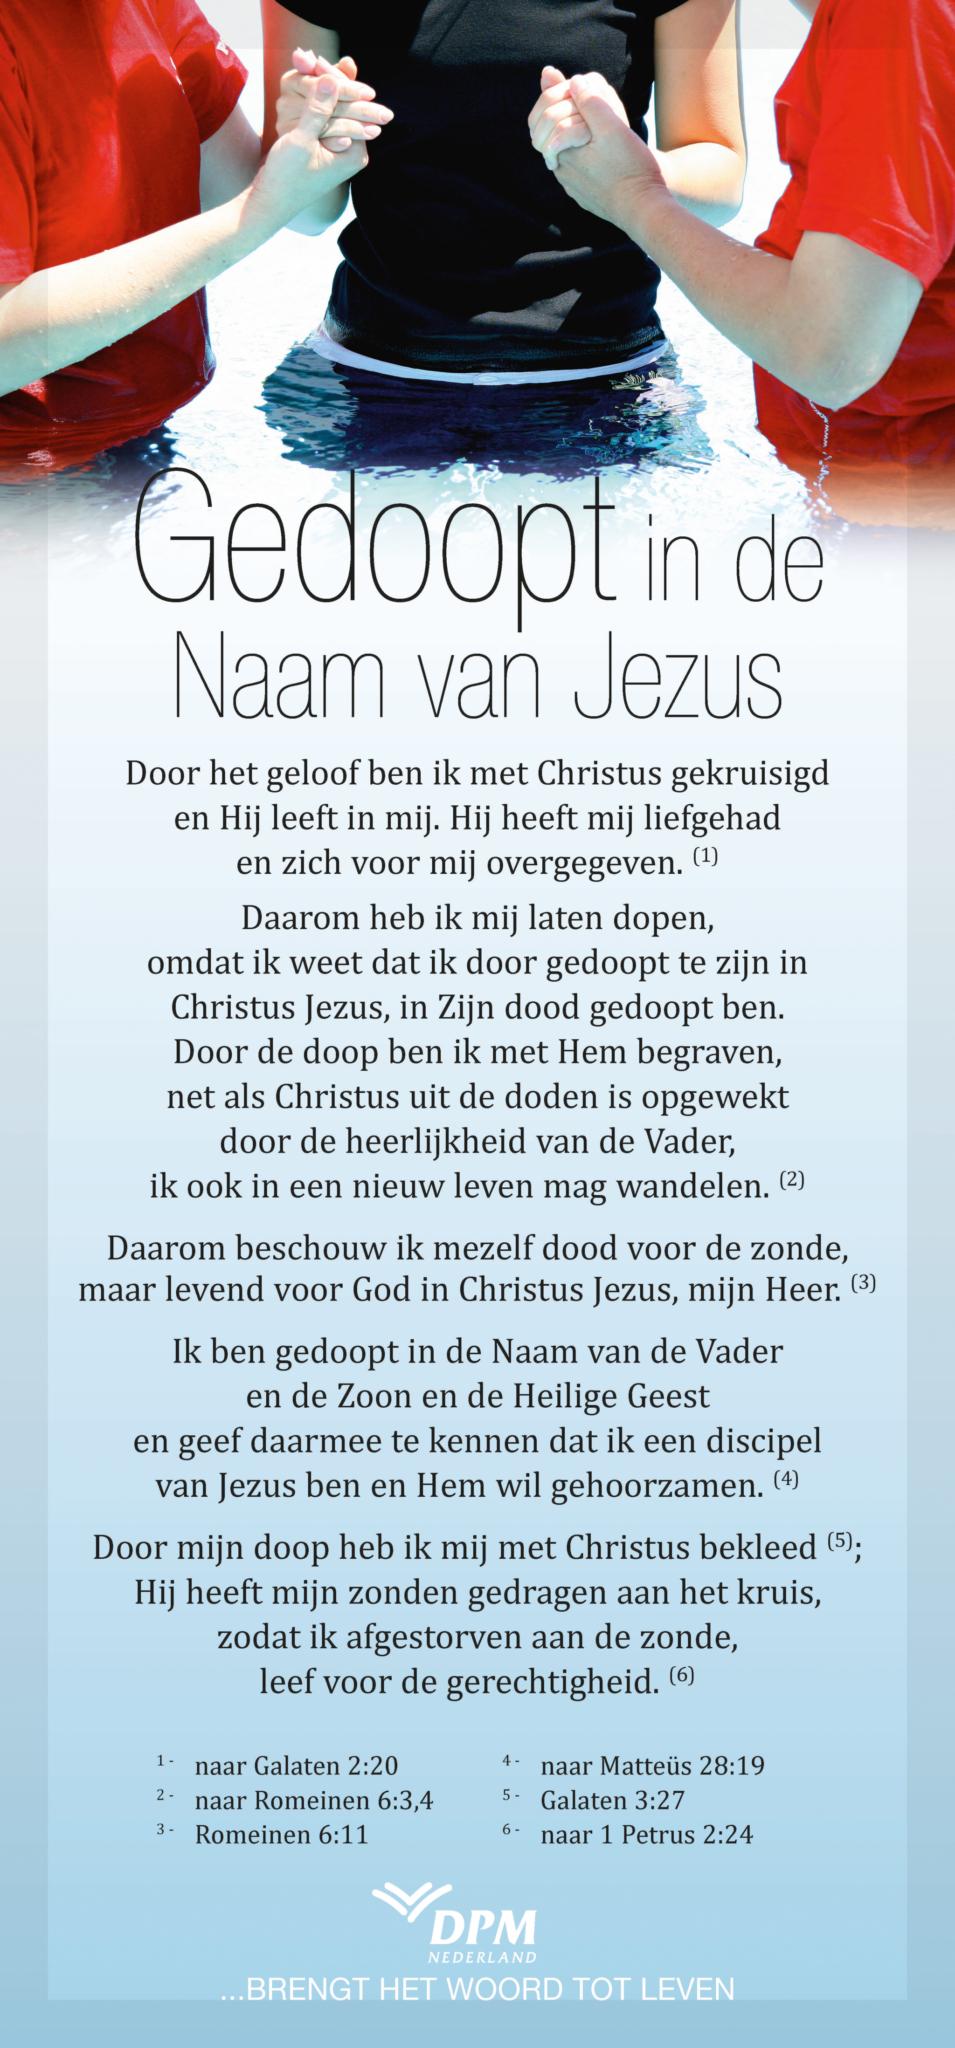 Gedoopt in de naam van Jezus